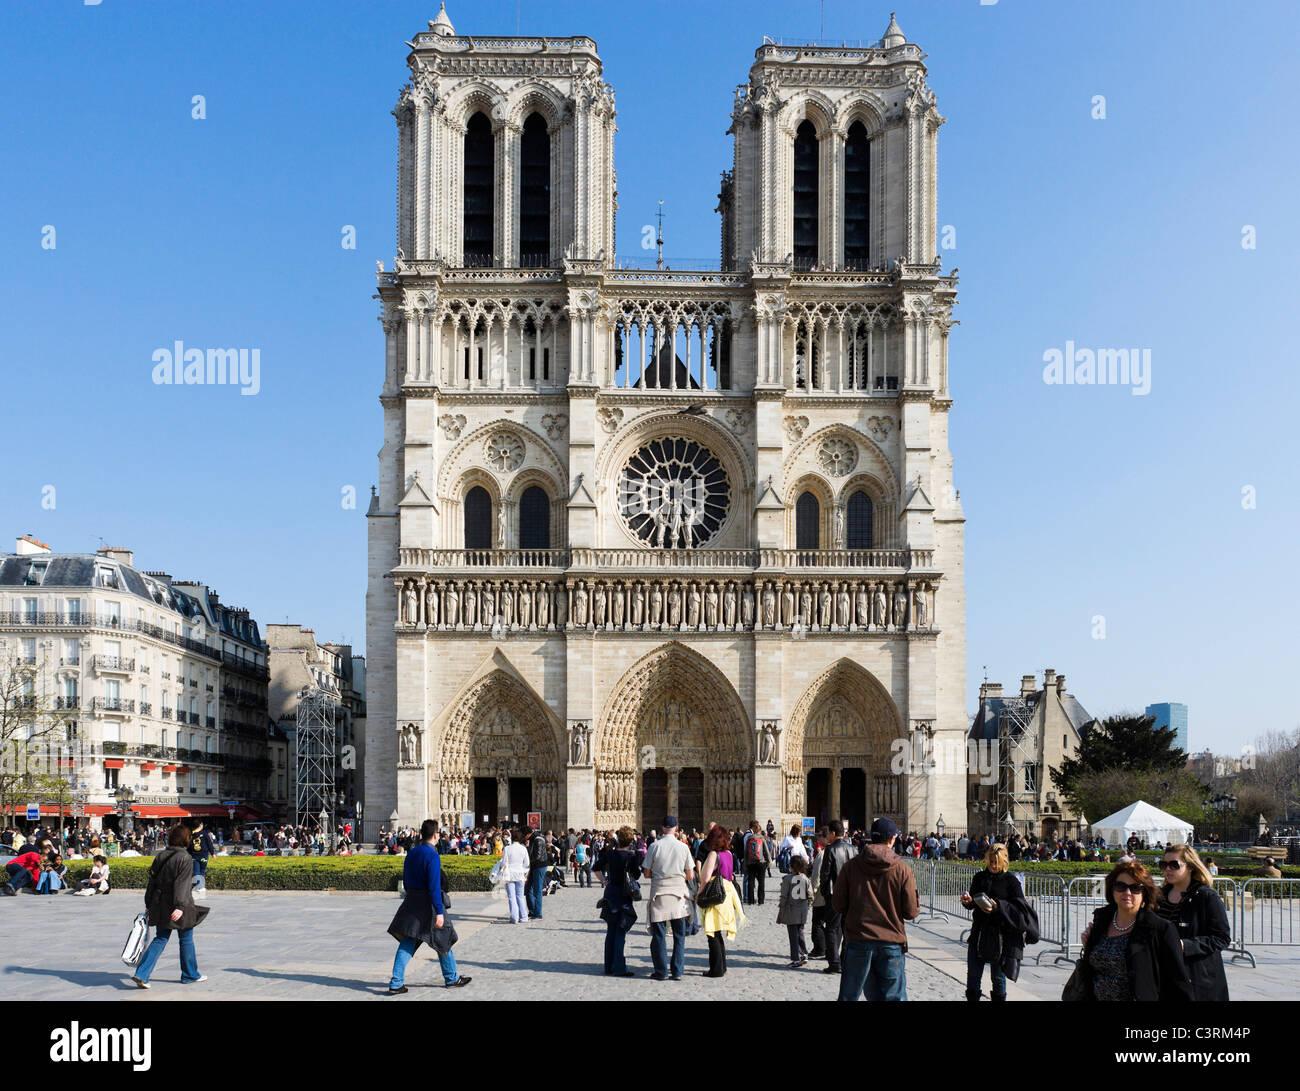 Western facade of the Cathedral of Notre Dame de Paris, Ile de la Cite, Paris, France - Stock Image